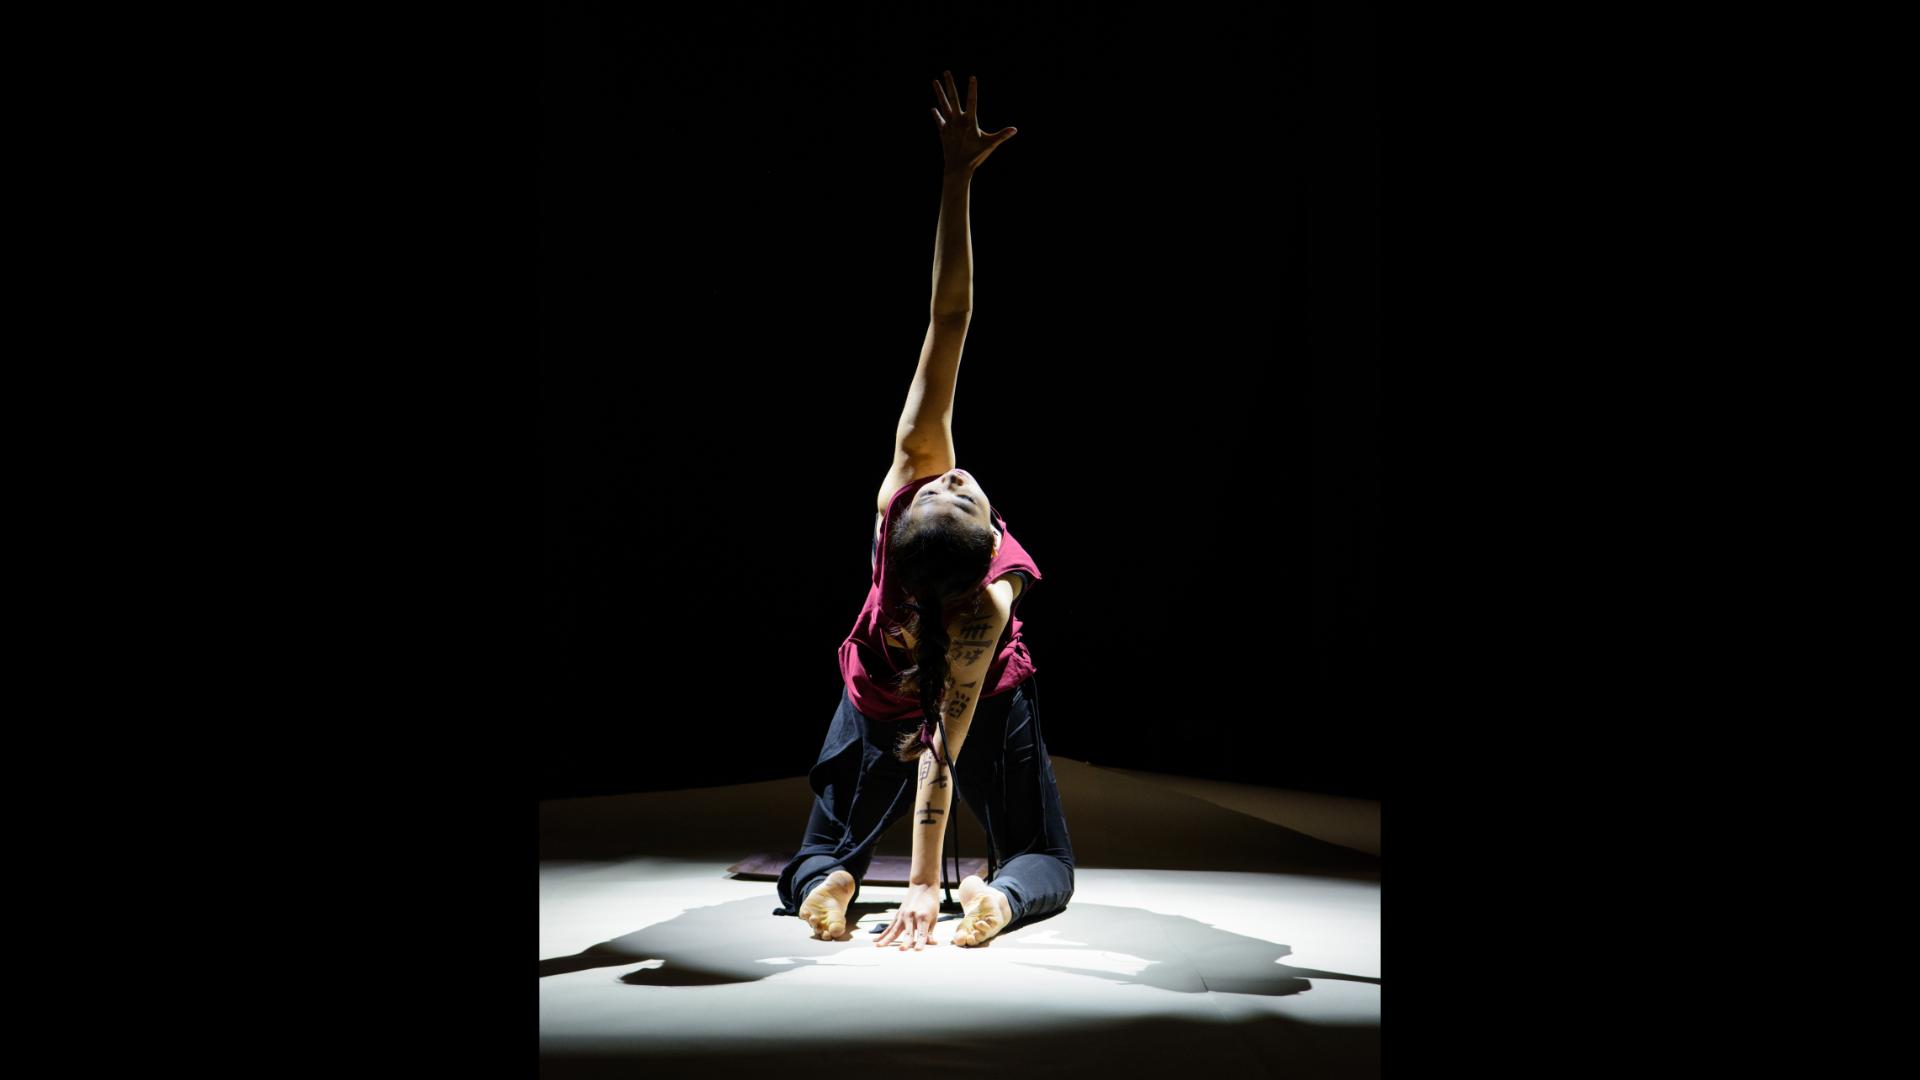 Tänzerin von hinten, die kniet und einen Arm hochstreckt